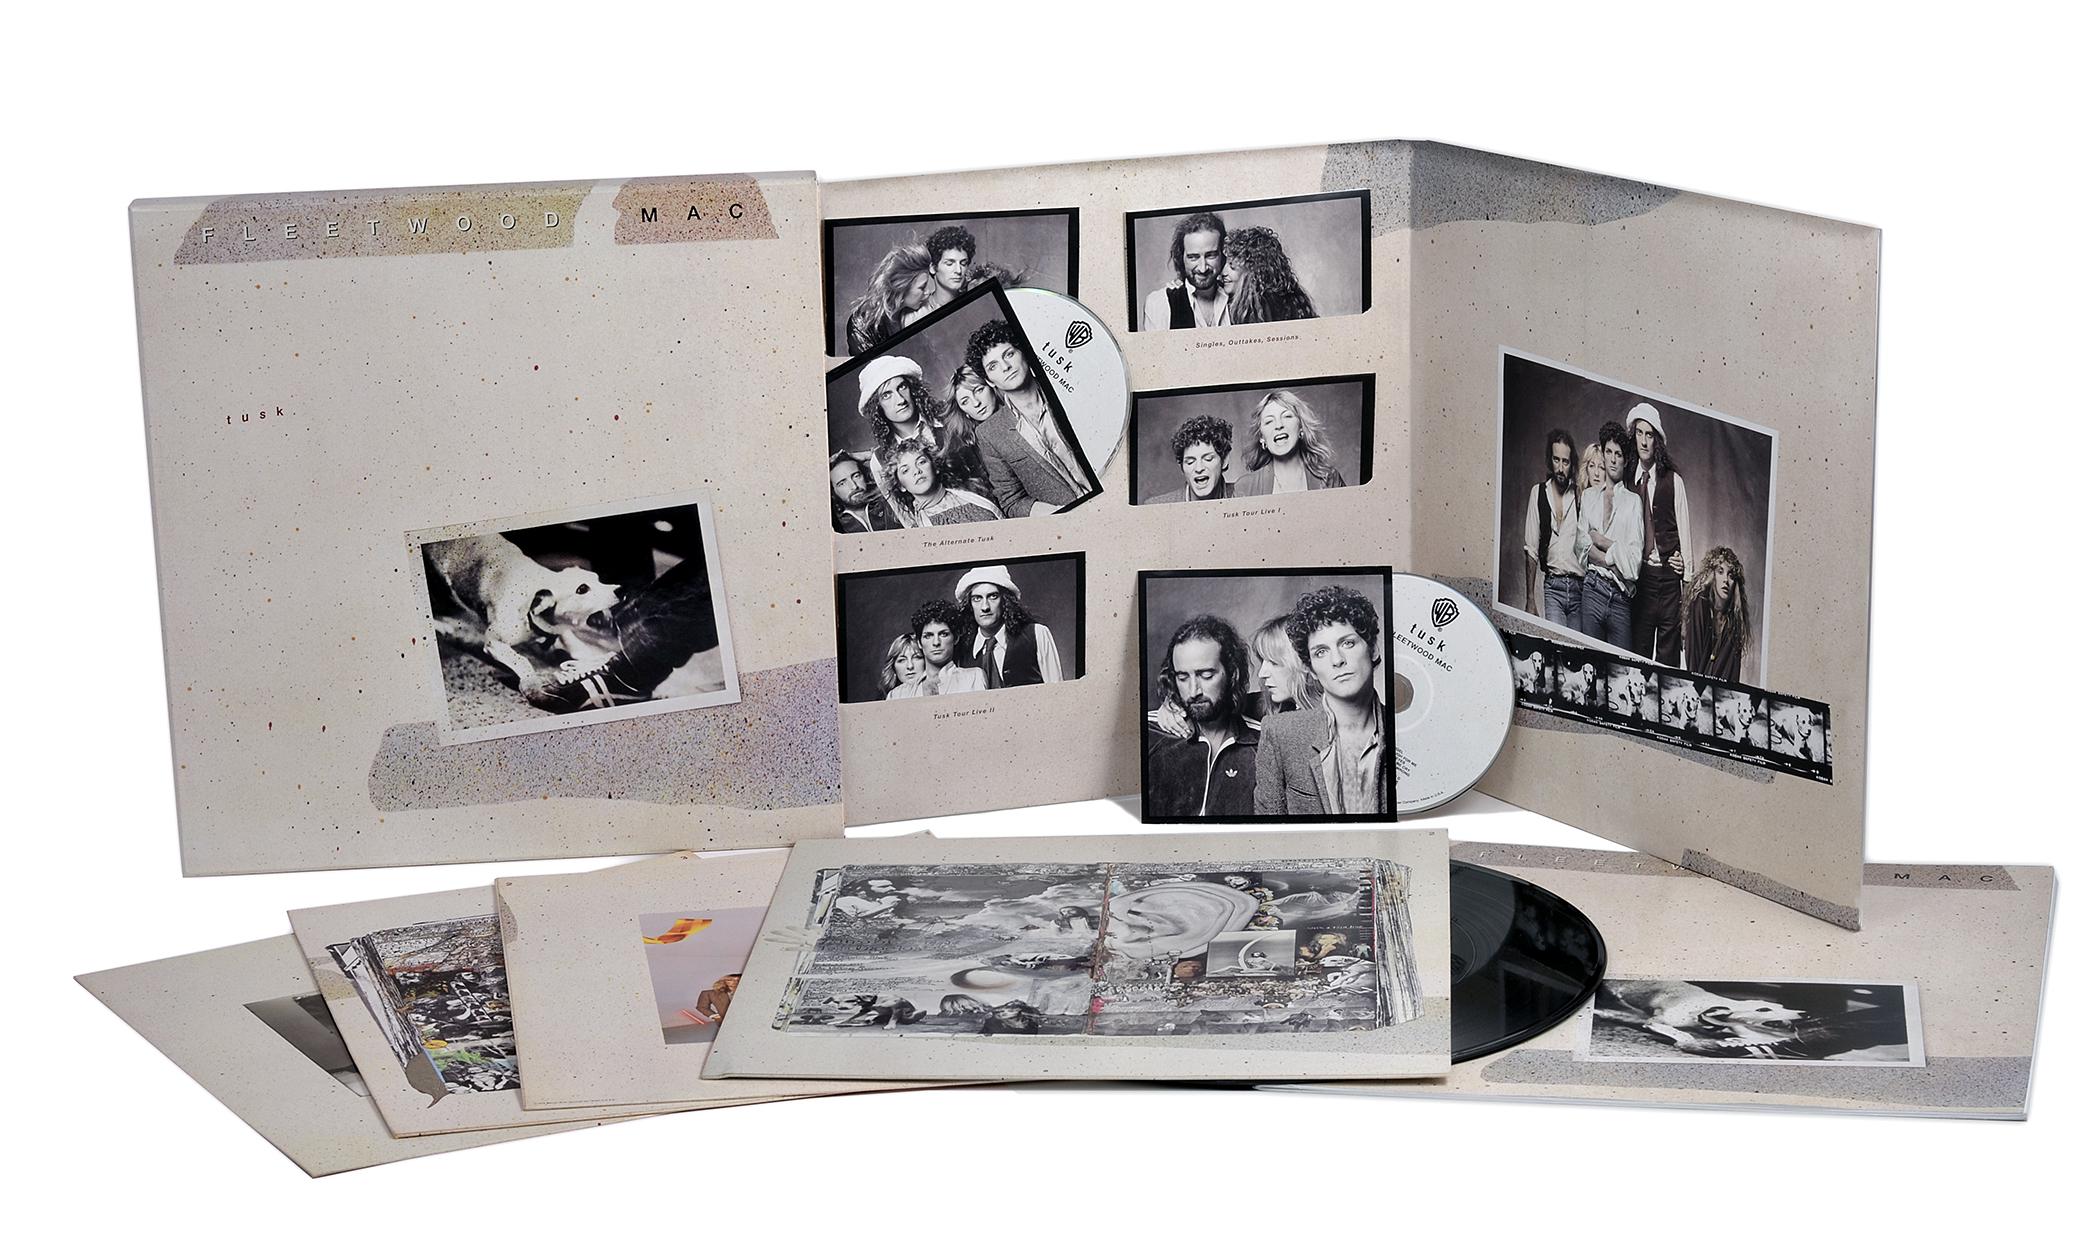 Fleetwood-Mac-TUSK-Deluxe-Product-Shot.jpg